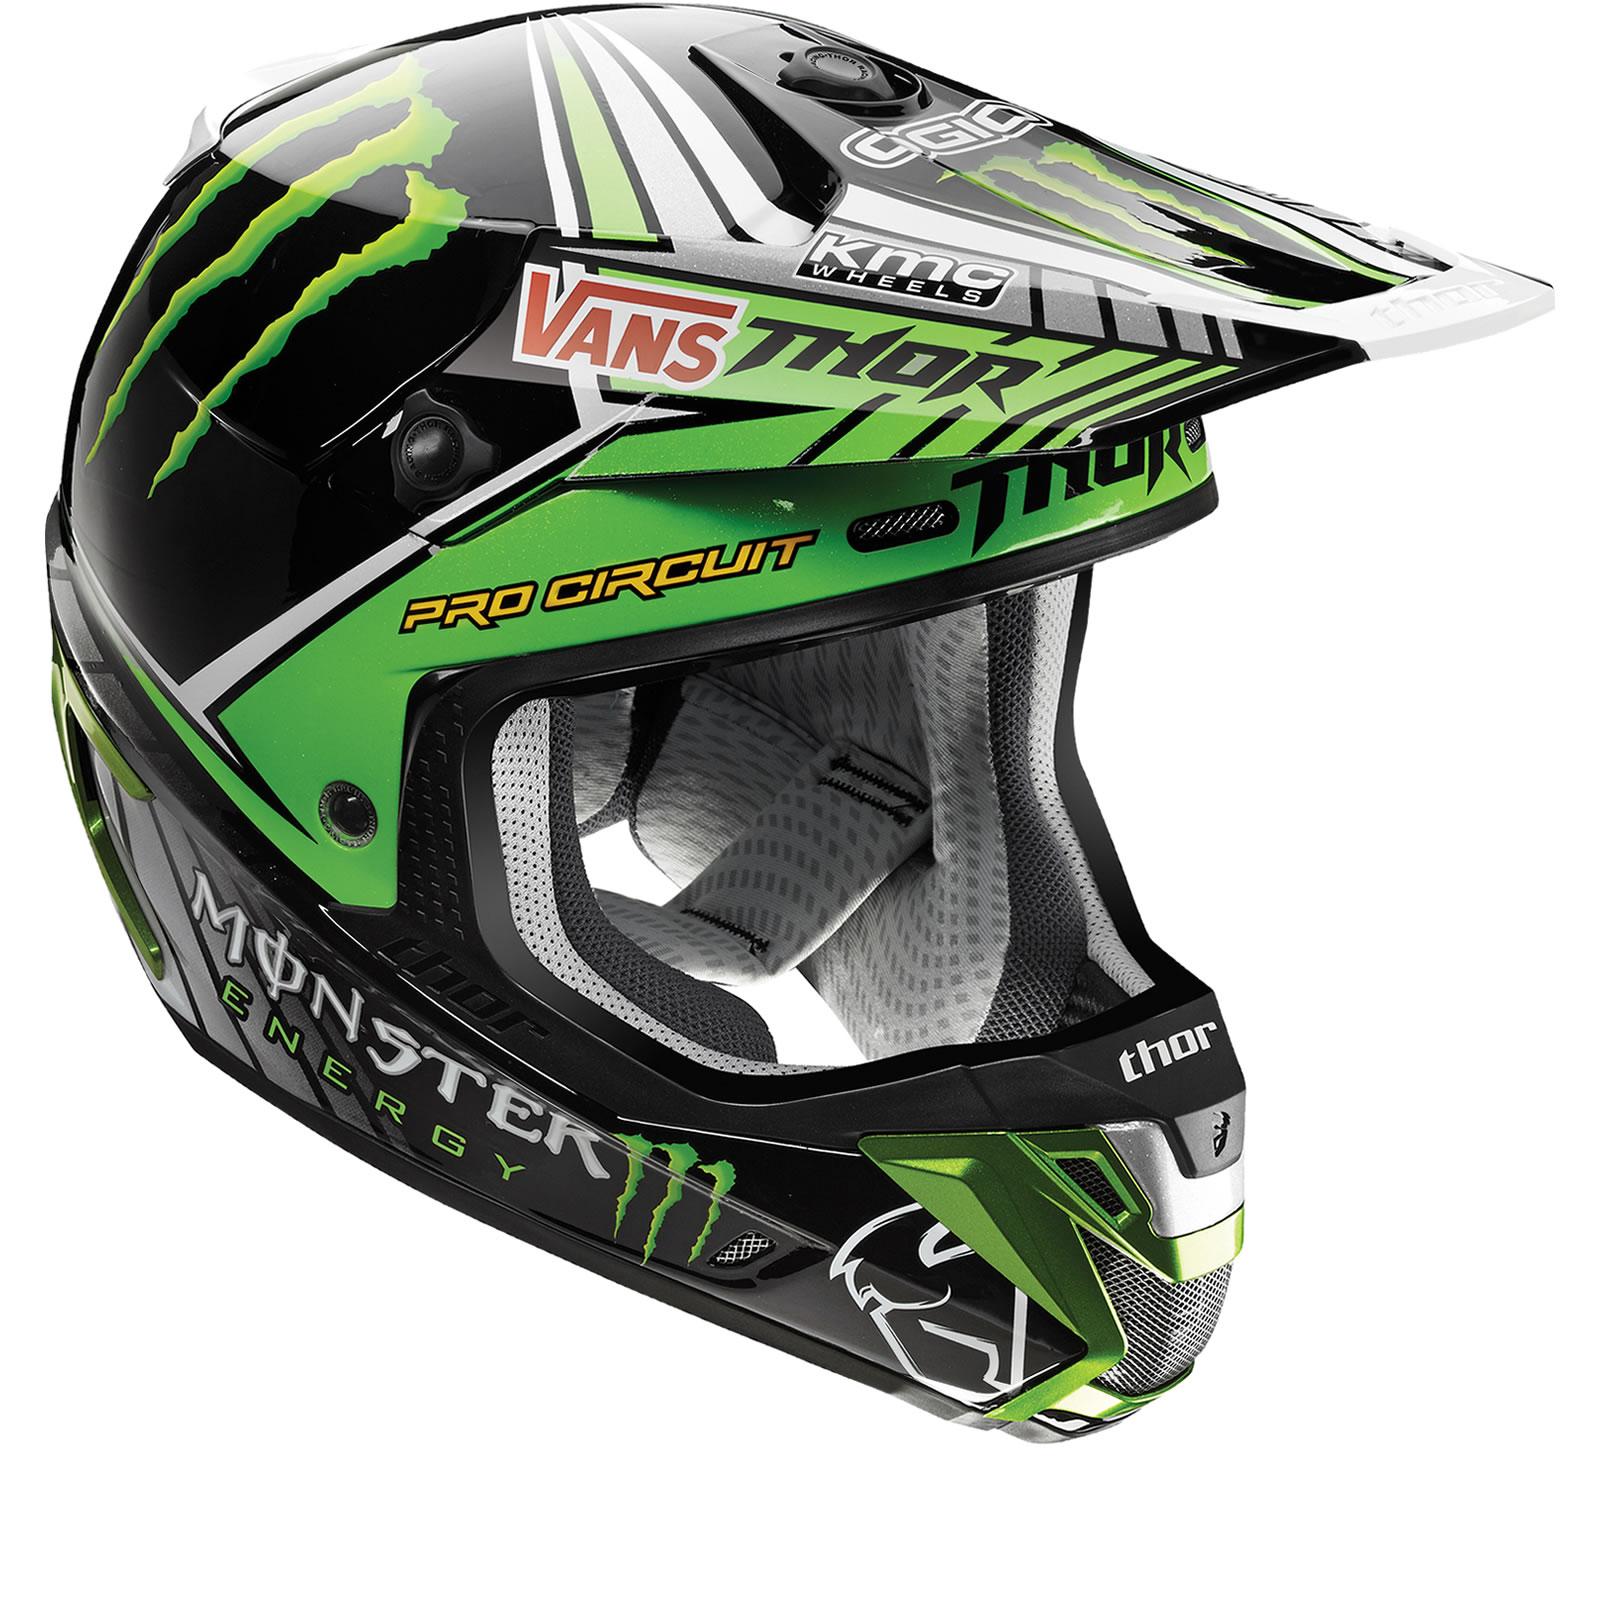 Thor Verge S15 Pro Circuit Replica Motocross Helmet ...